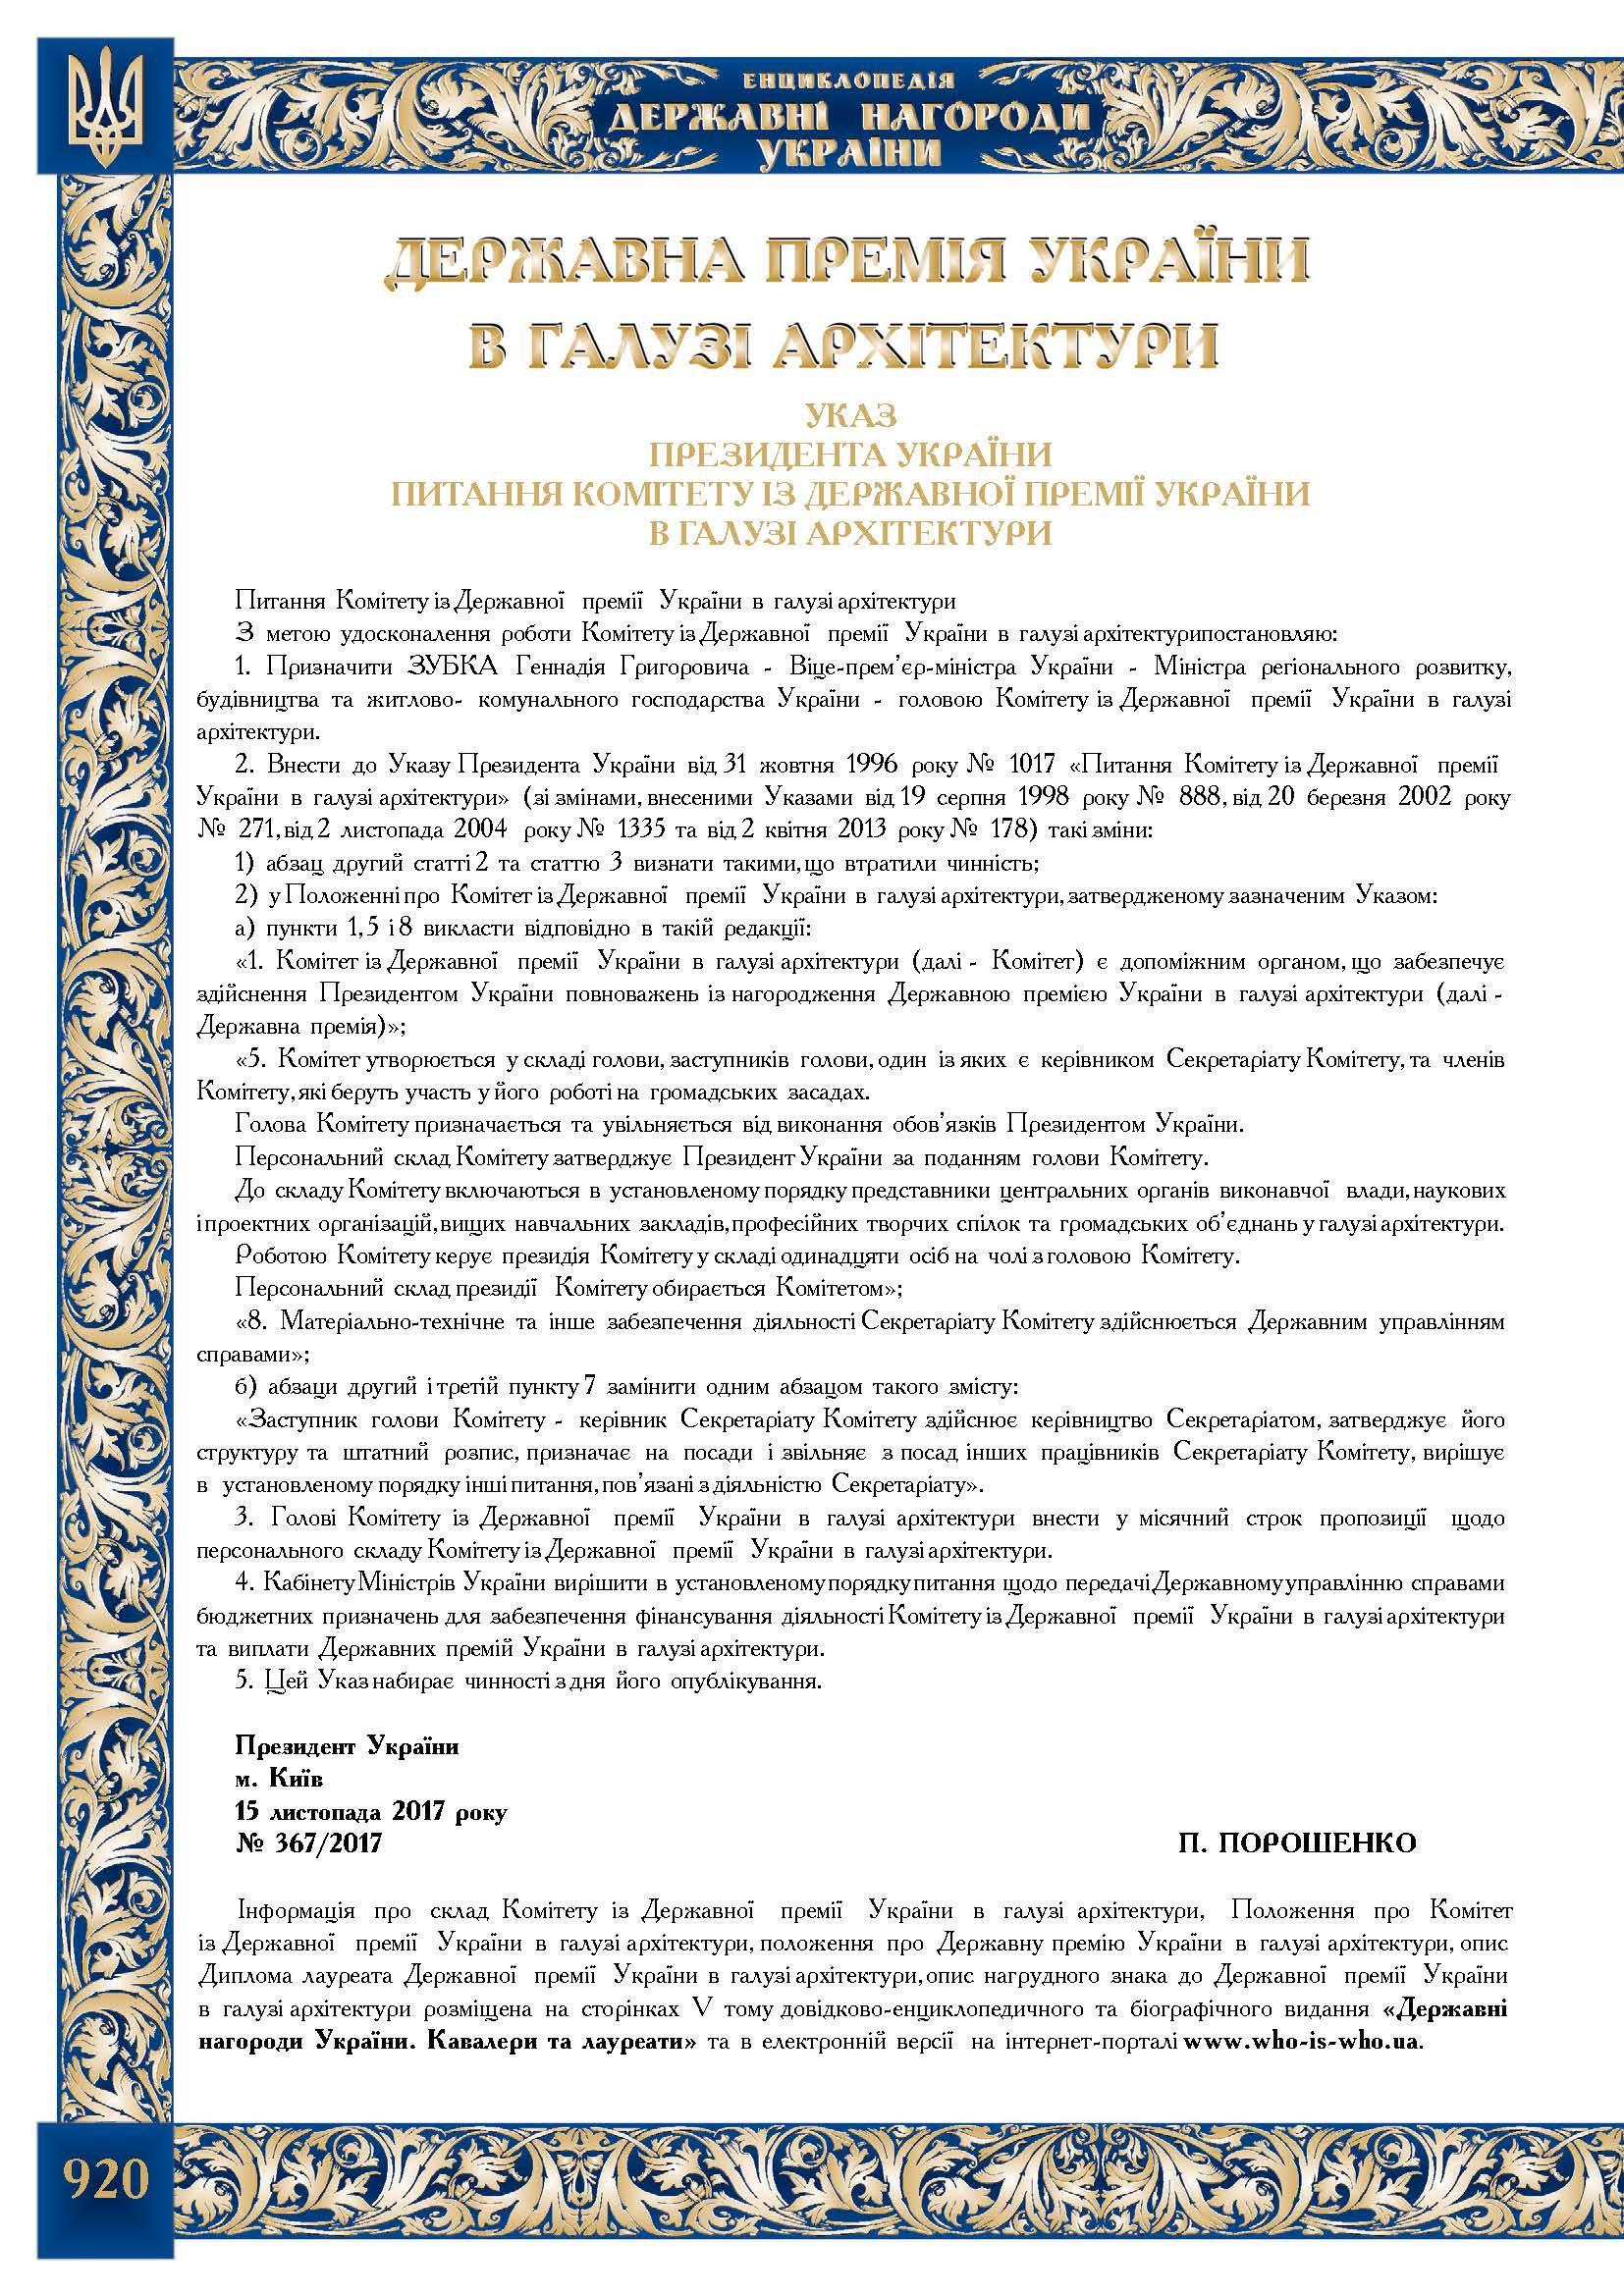 Державна премія України в галузі архітектури